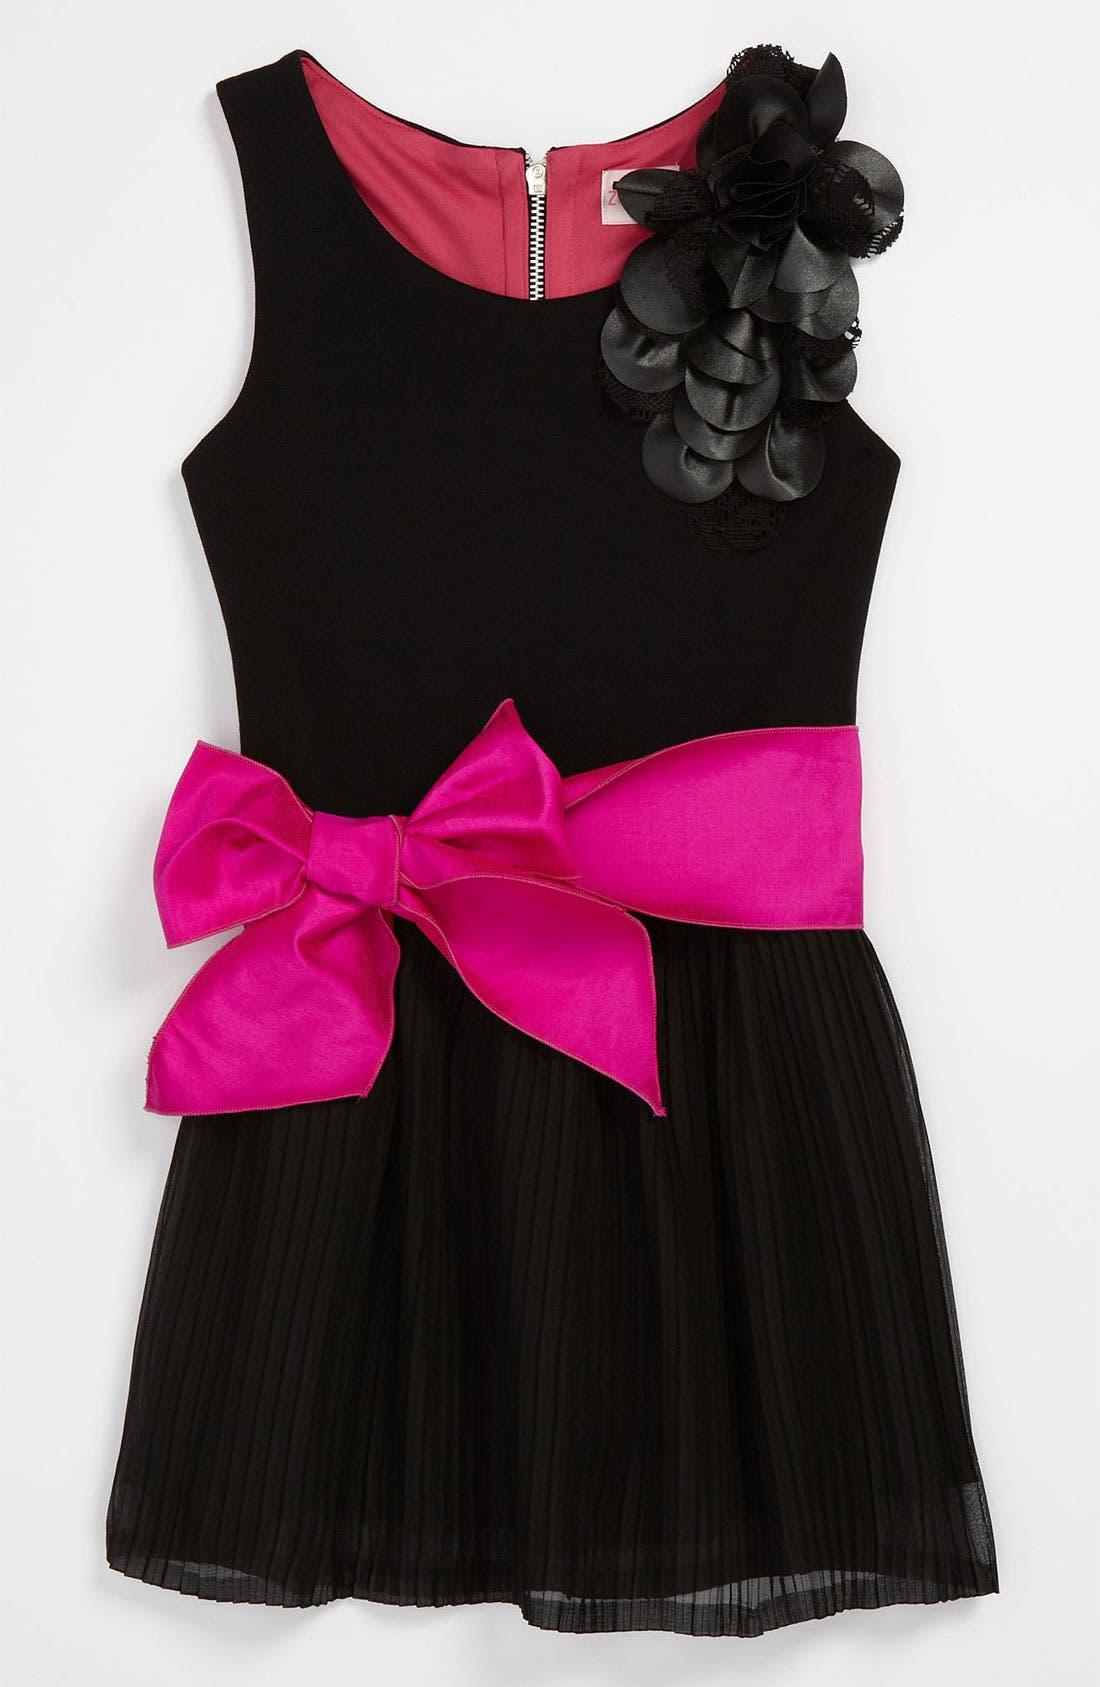 Alternate Image 1 Selected - Zoe Ltd Chiffon Ruffle Dress (Big Girls)